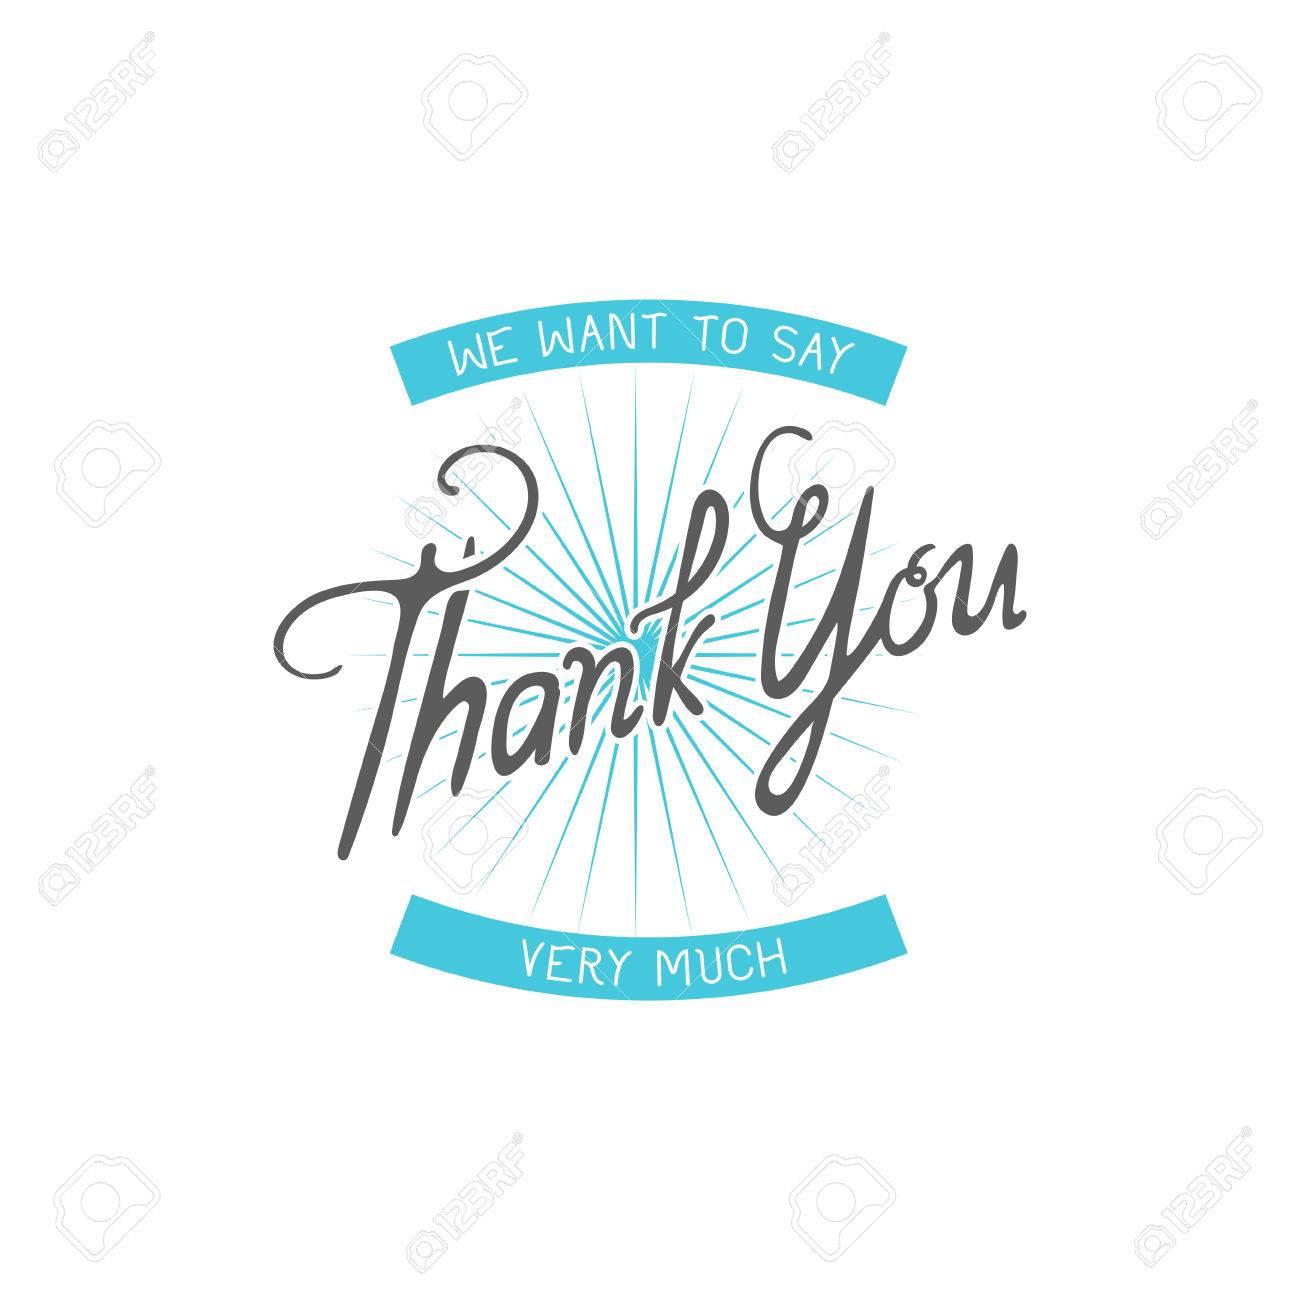 Gracias Gratitud Sensación Emociones Texto Letras Vector Logo Divisa Mensaje De Frases De Agradecimiento Cita Aislado Sobre Fondo Blanco